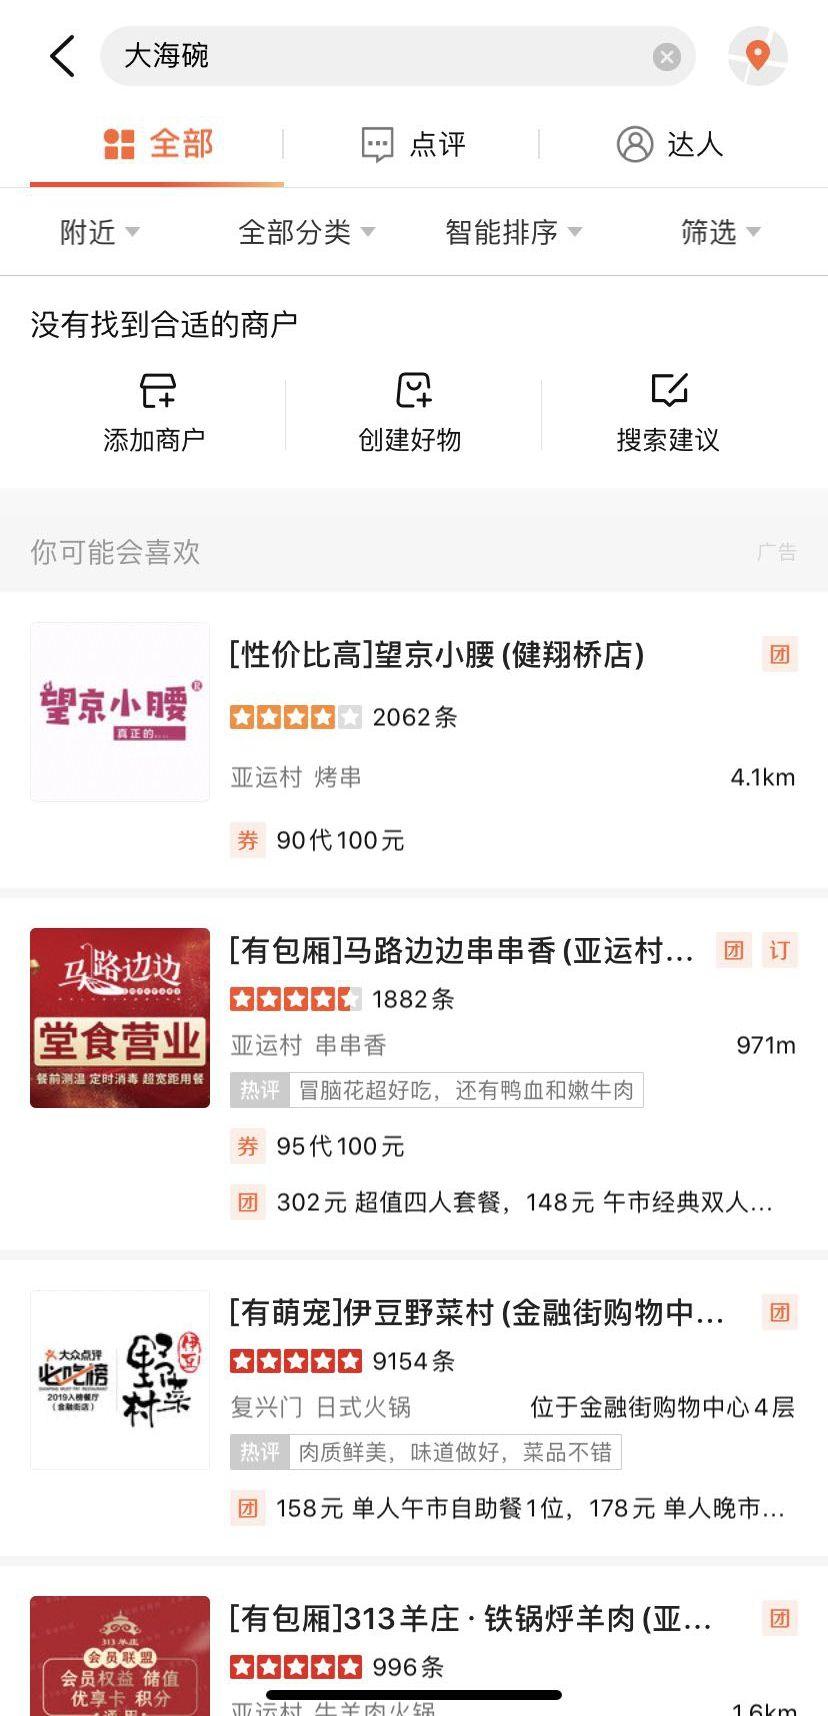 北京大海碗两员工确诊,大众点评已下线相关门店图片